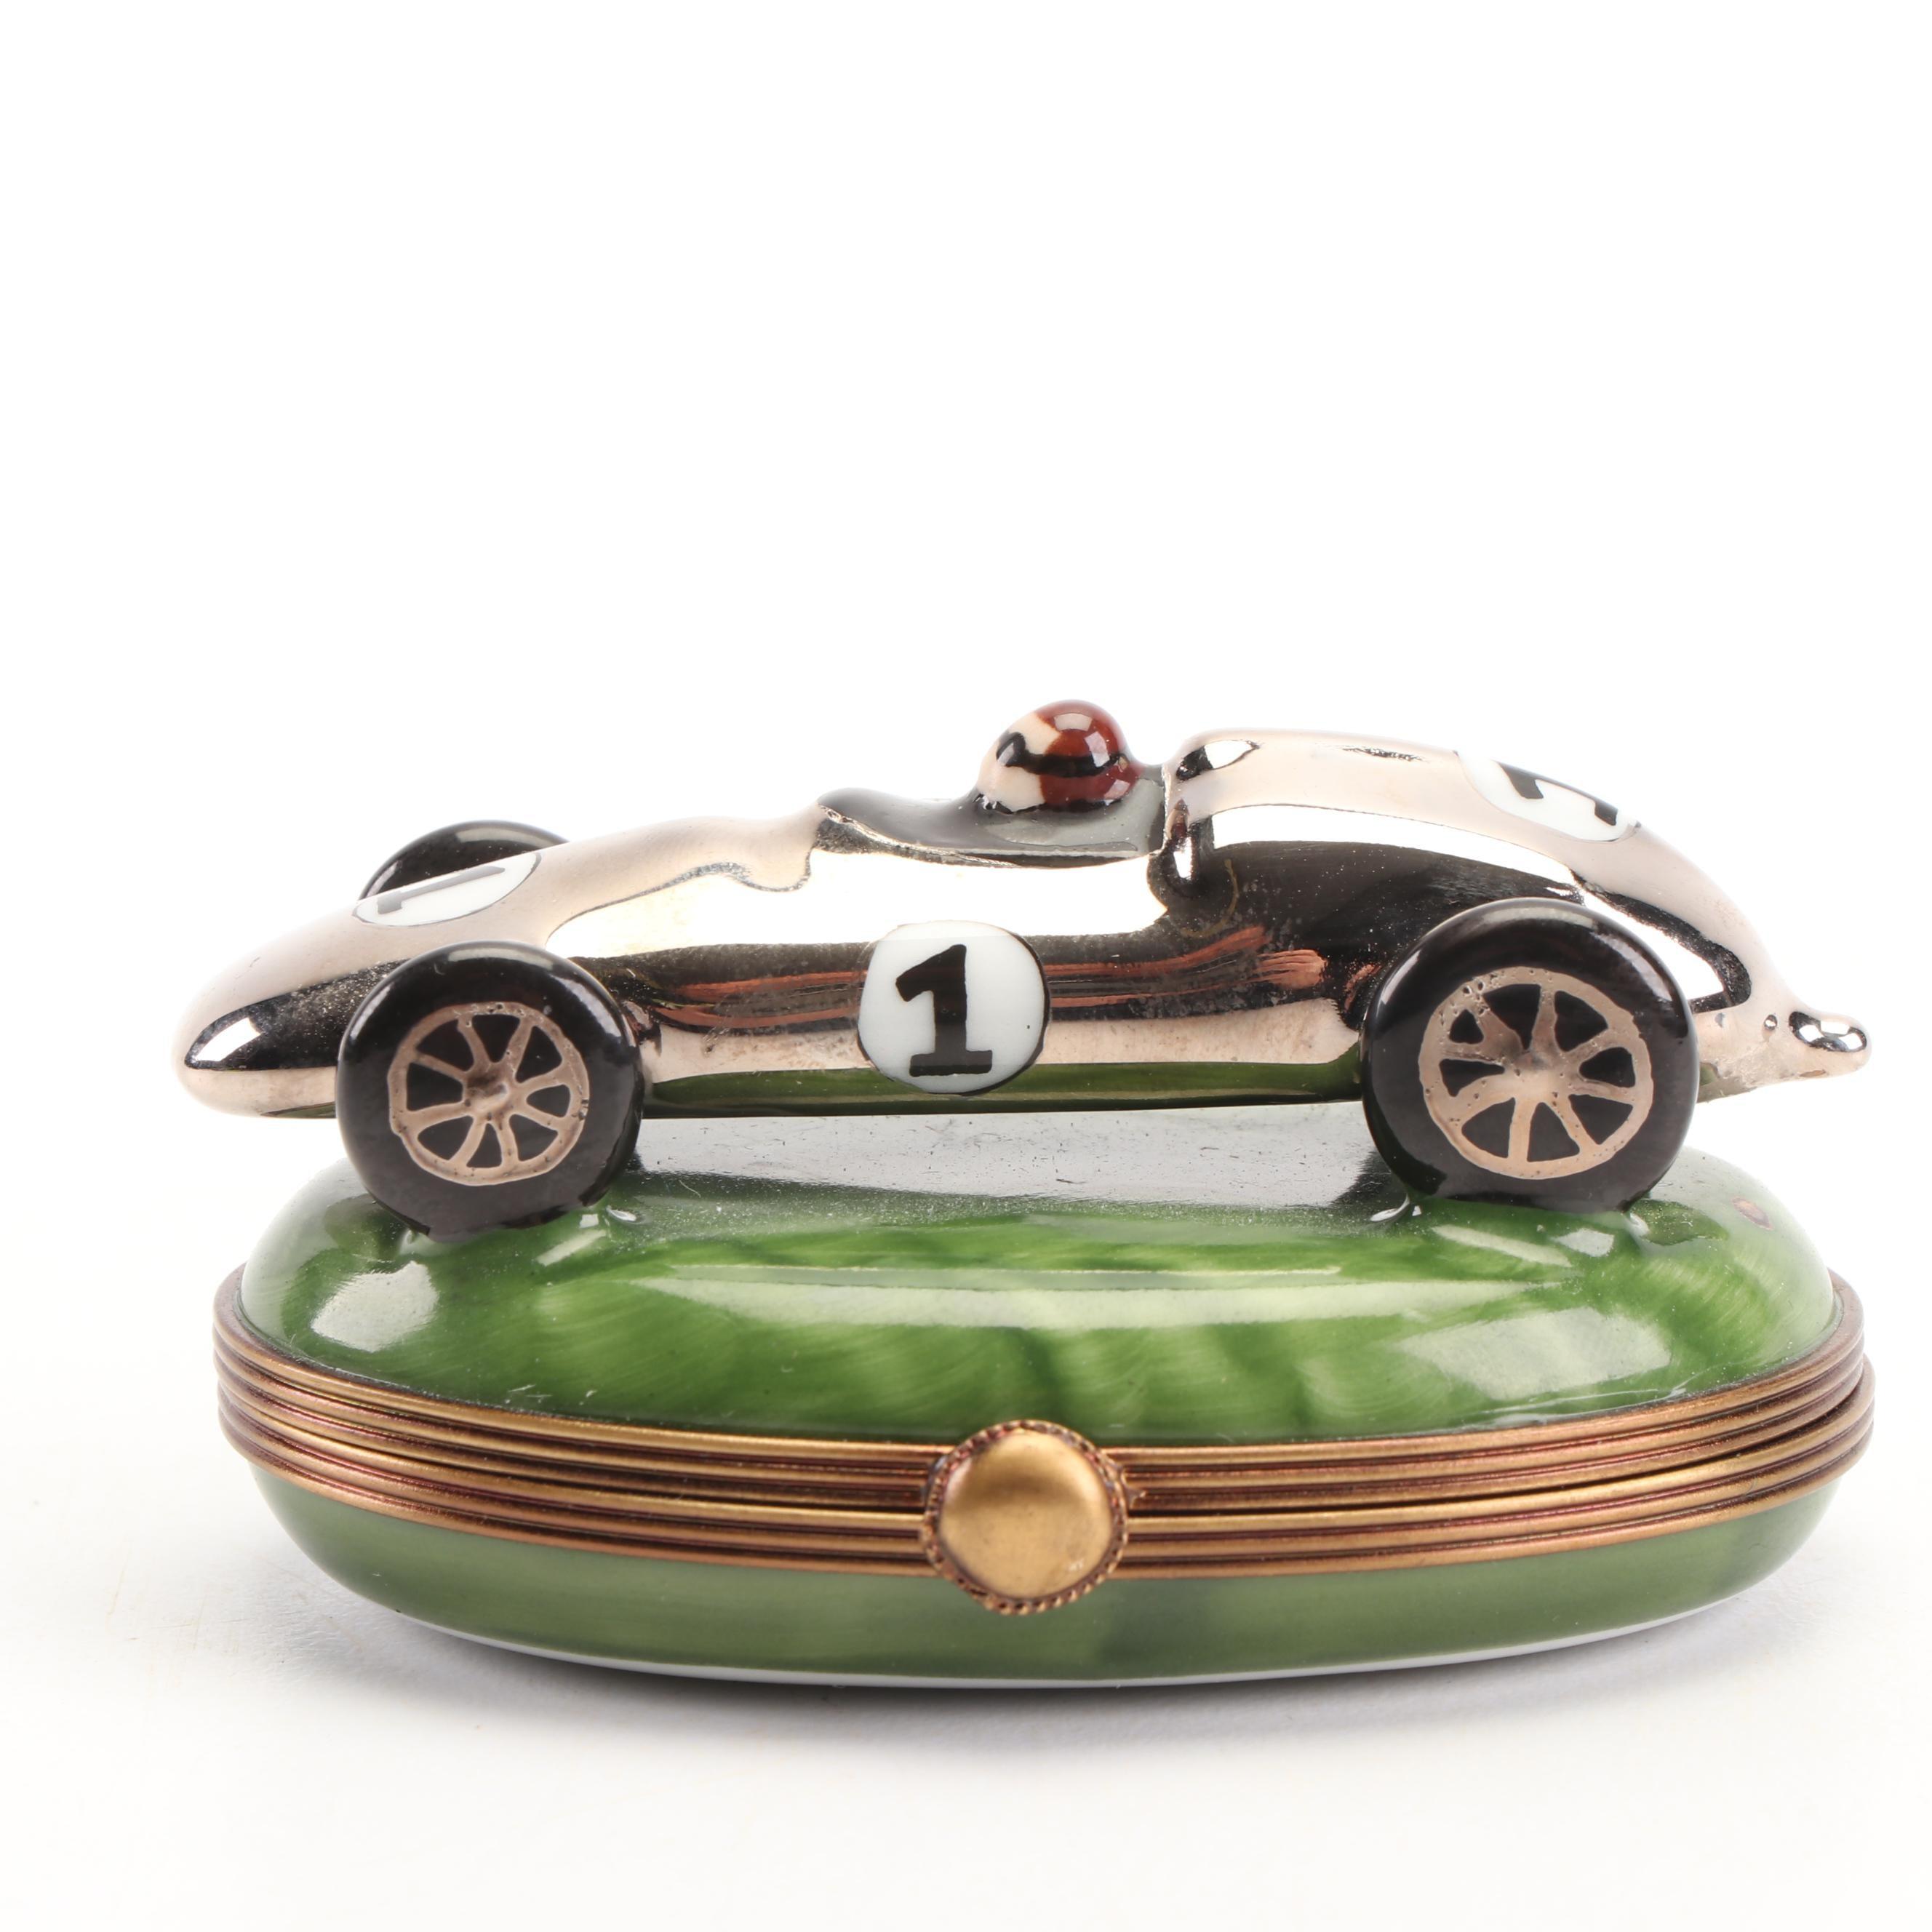 Limoges La Gloriette Hand-Painted Porcelain Racecar Shaped Trinket Box